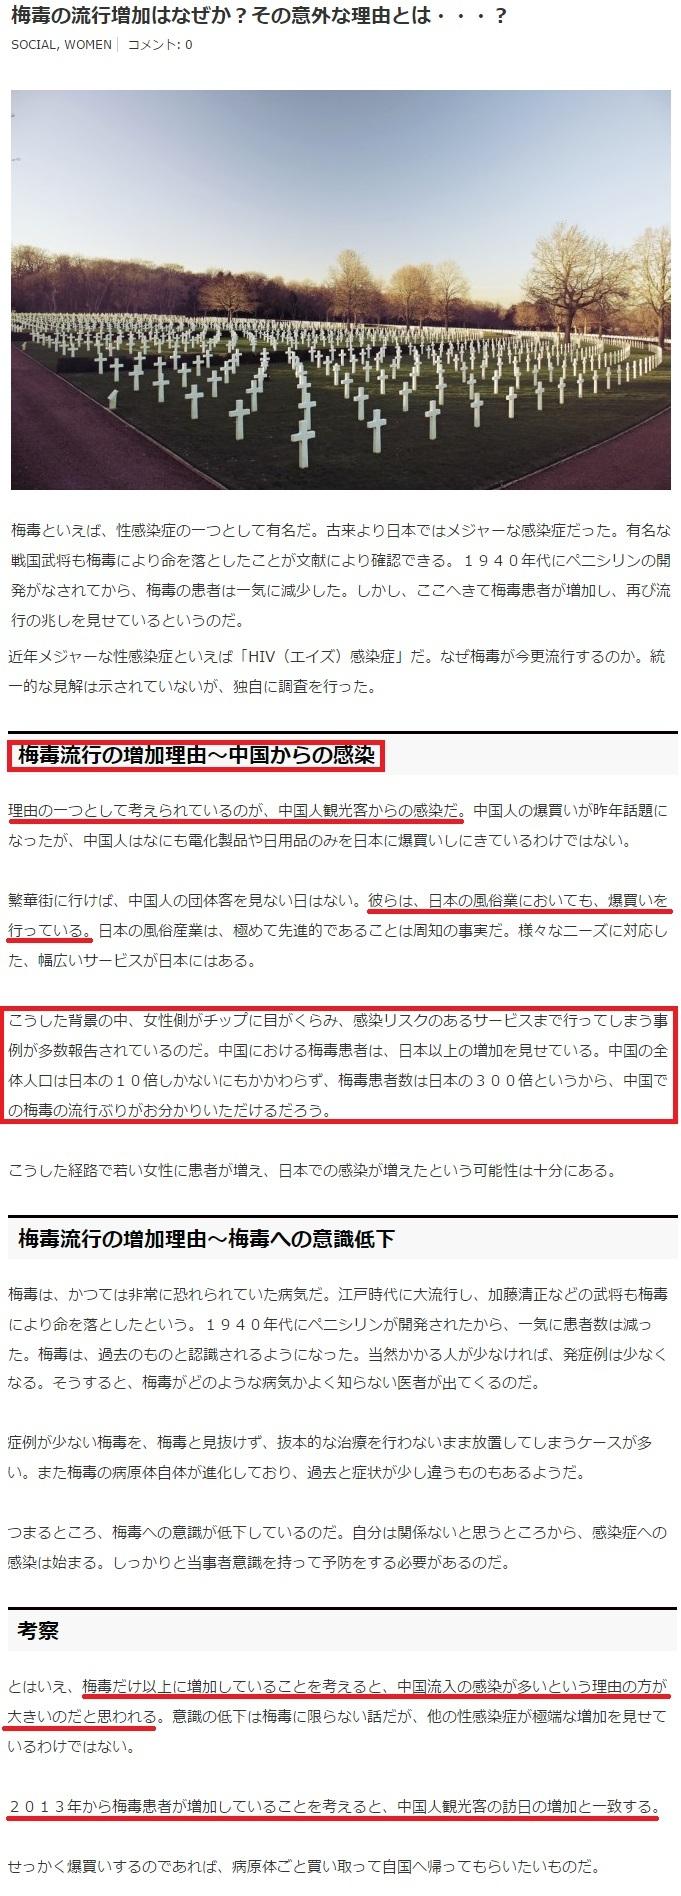 日本人の梅毒感染の原因はシナ人